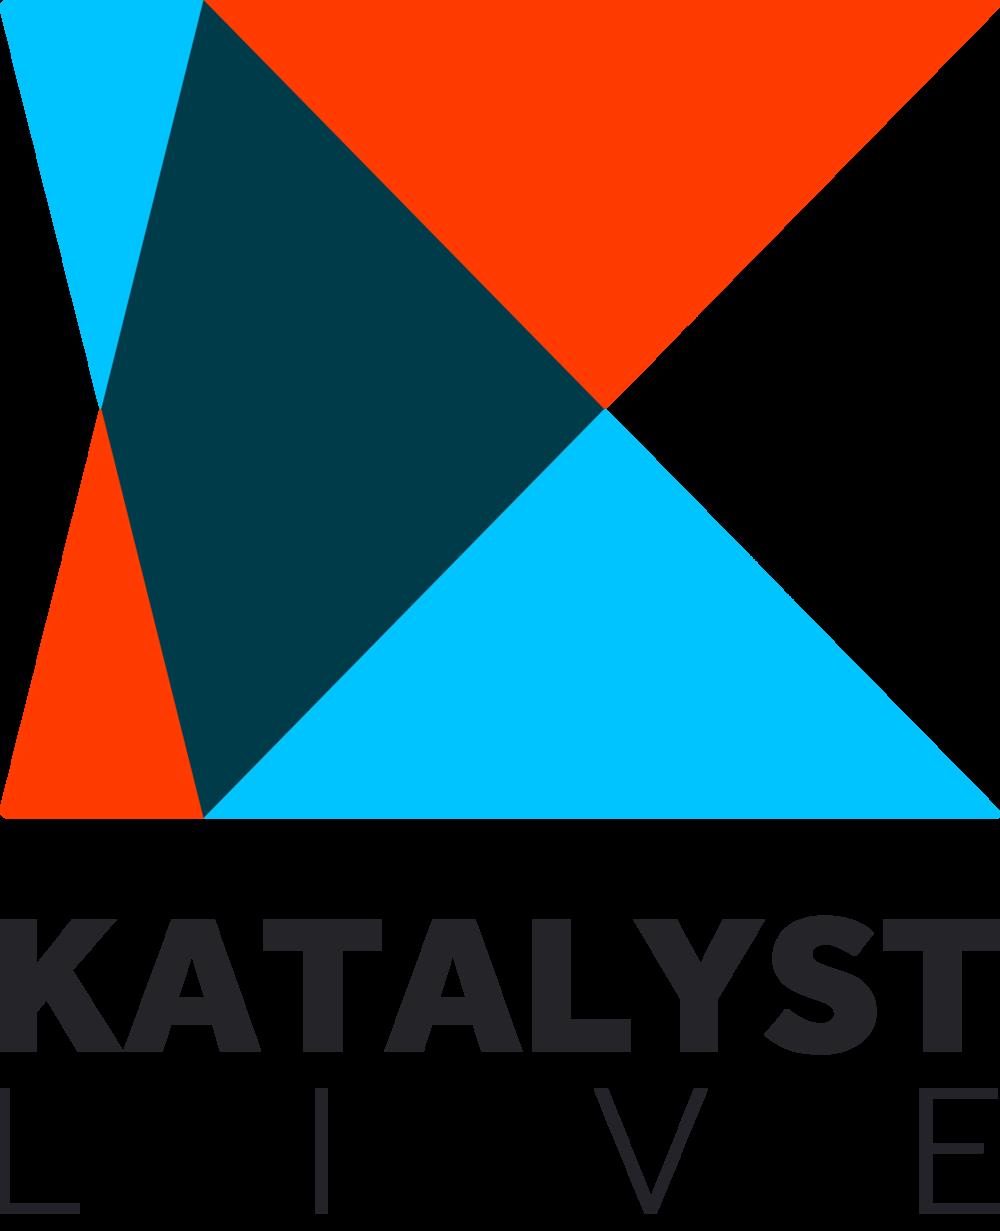 katalystlive_black.png